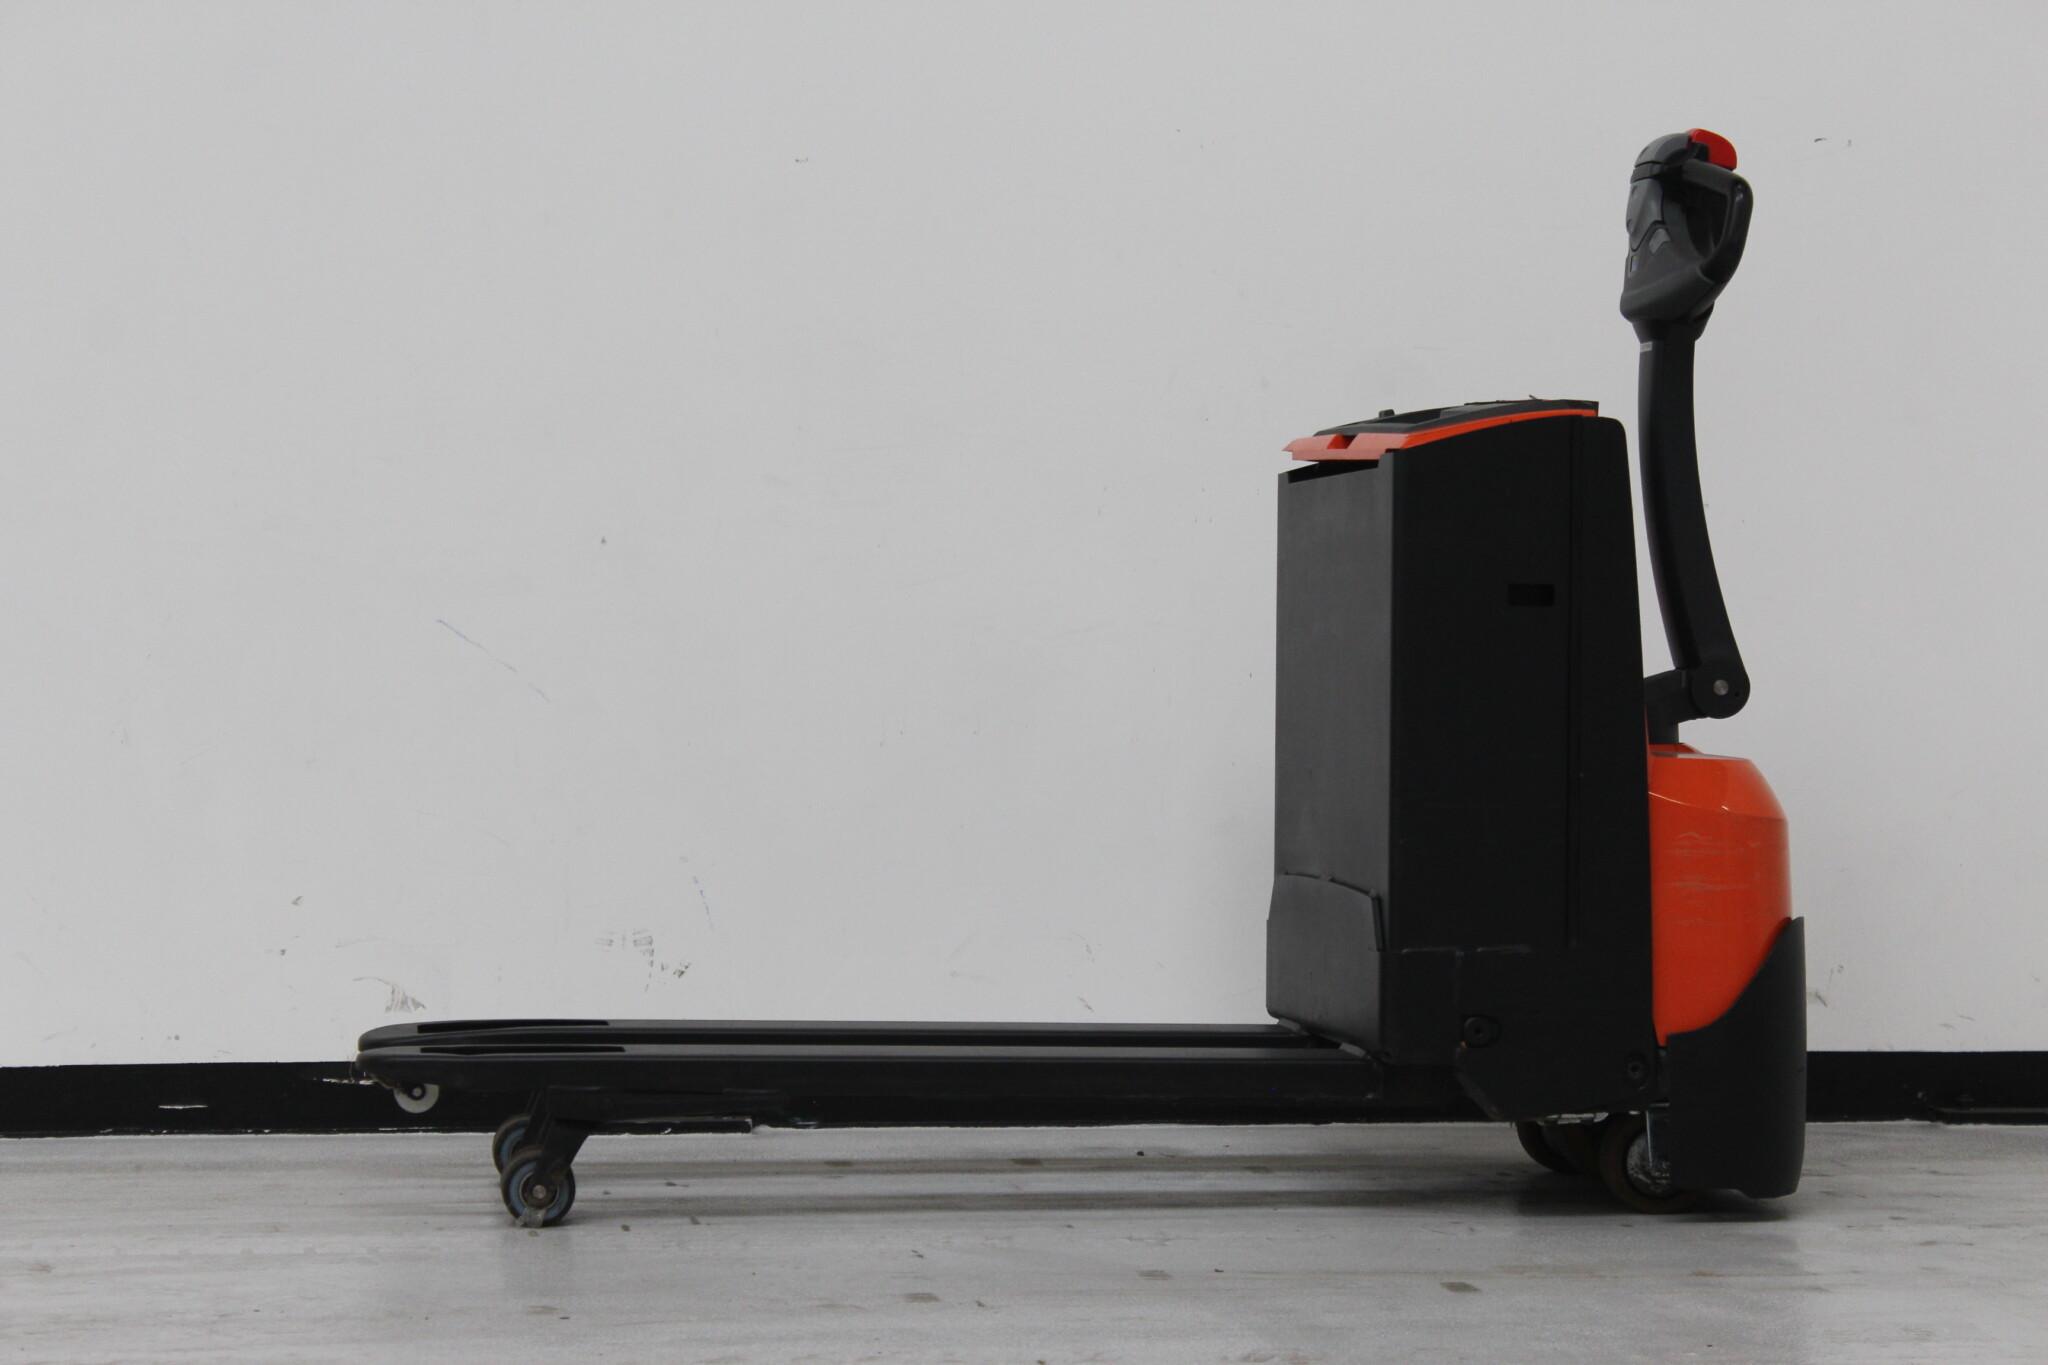 Toyota-Gabelstapler-59840 1901002445 1 scaled